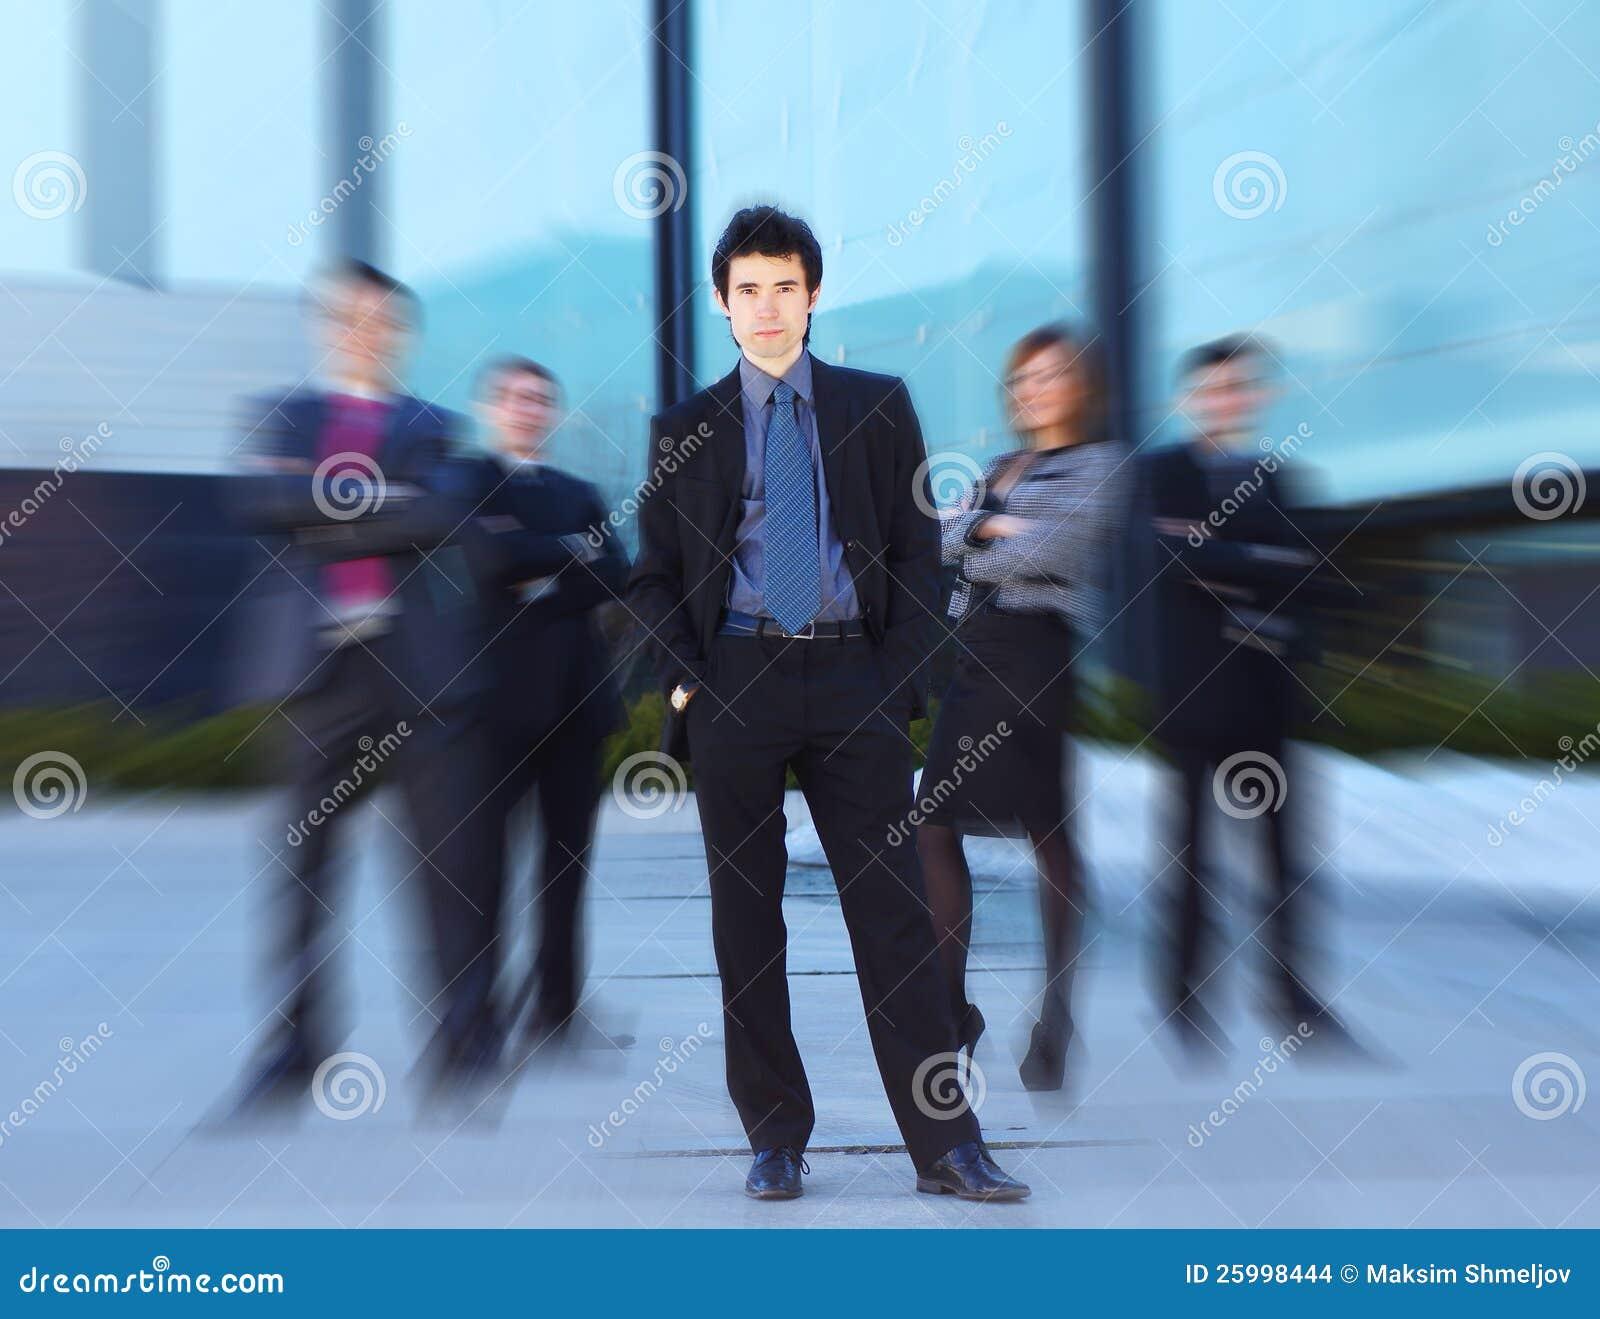 Ein Team der jungen Geschäftspersonen in der formalen Kleidung